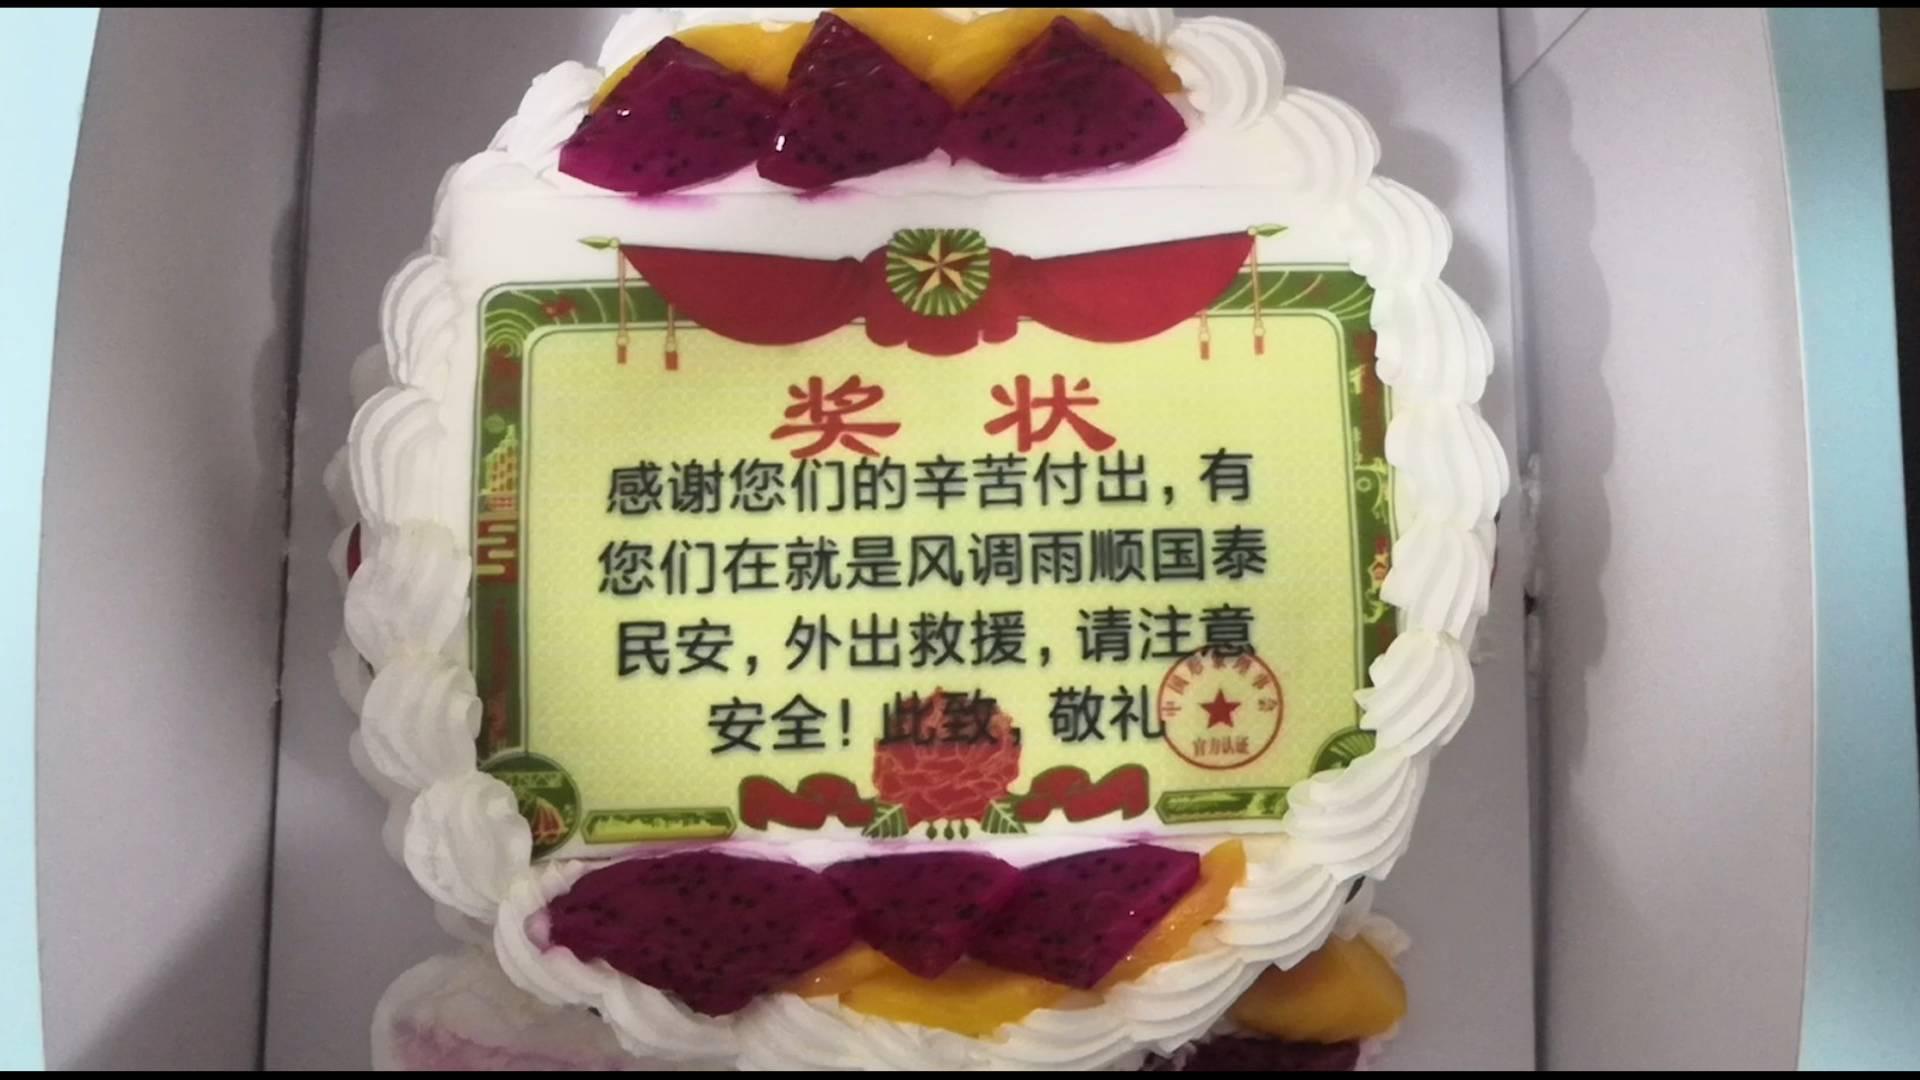 """26秒丨暖心!东营消防员收到""""奖状""""蛋糕:那一刻非常感动"""